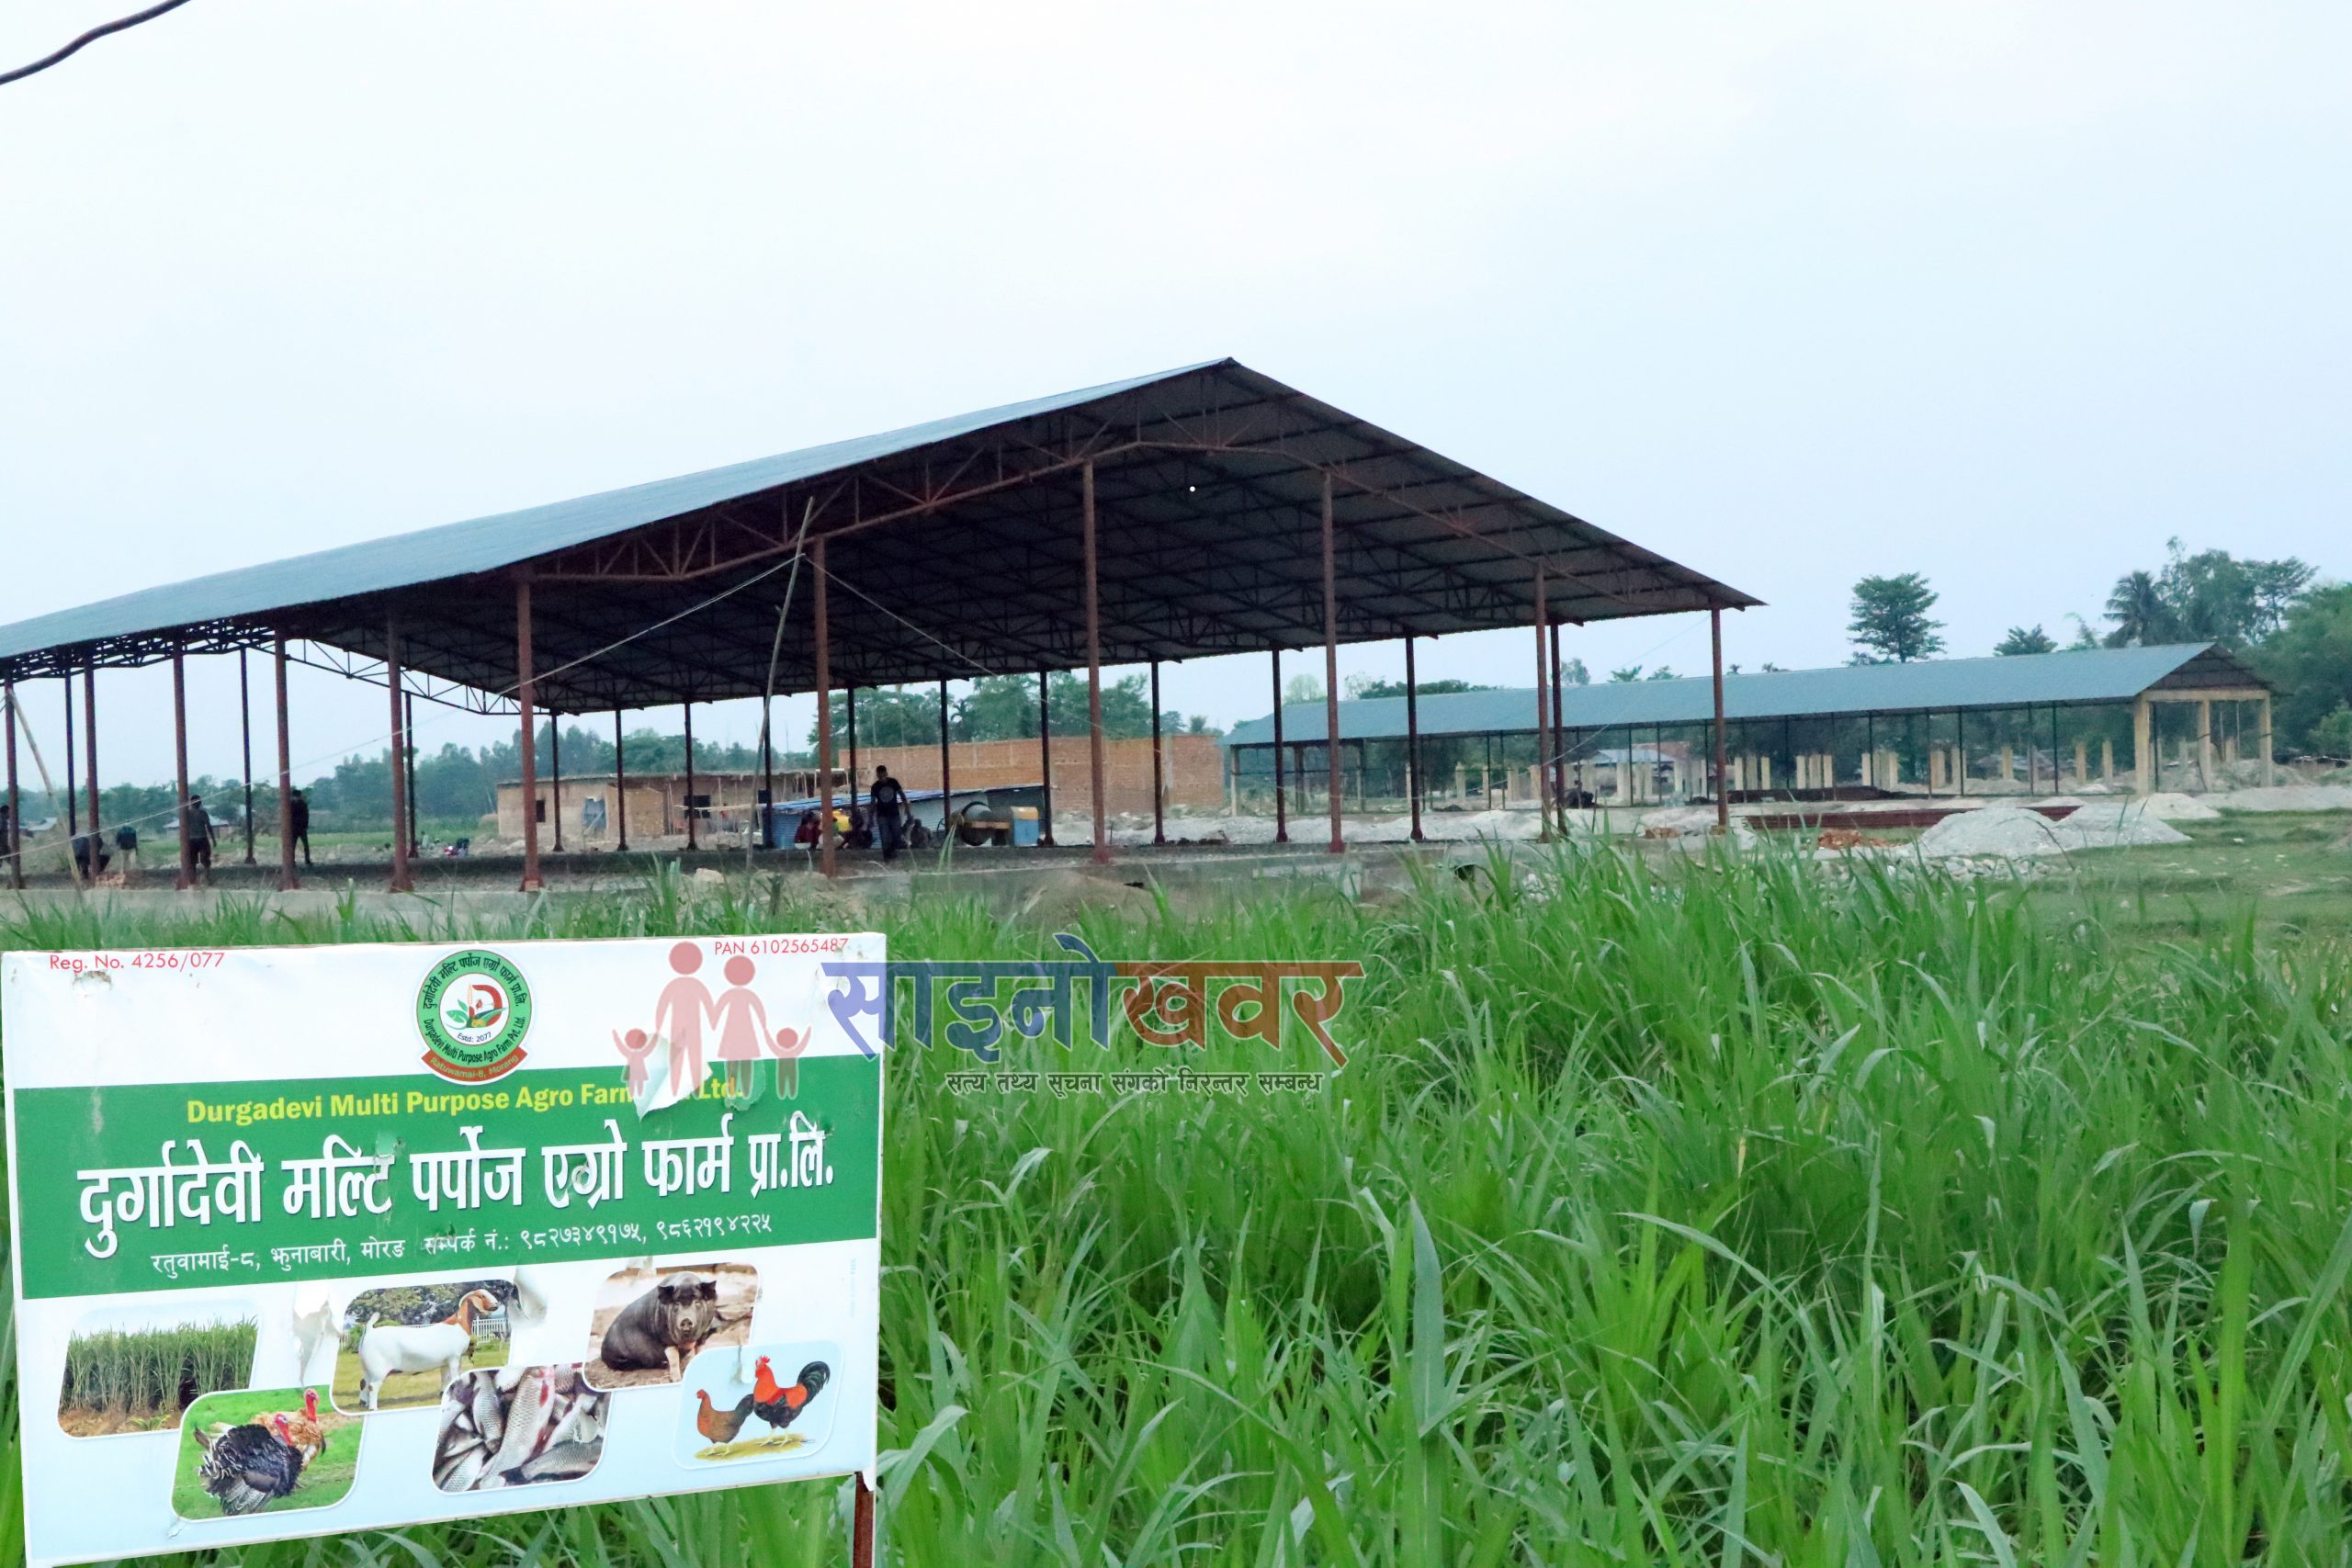 मोरङको रतुवामाईमा १२ करोडको लगानिमा कृषी फर्म